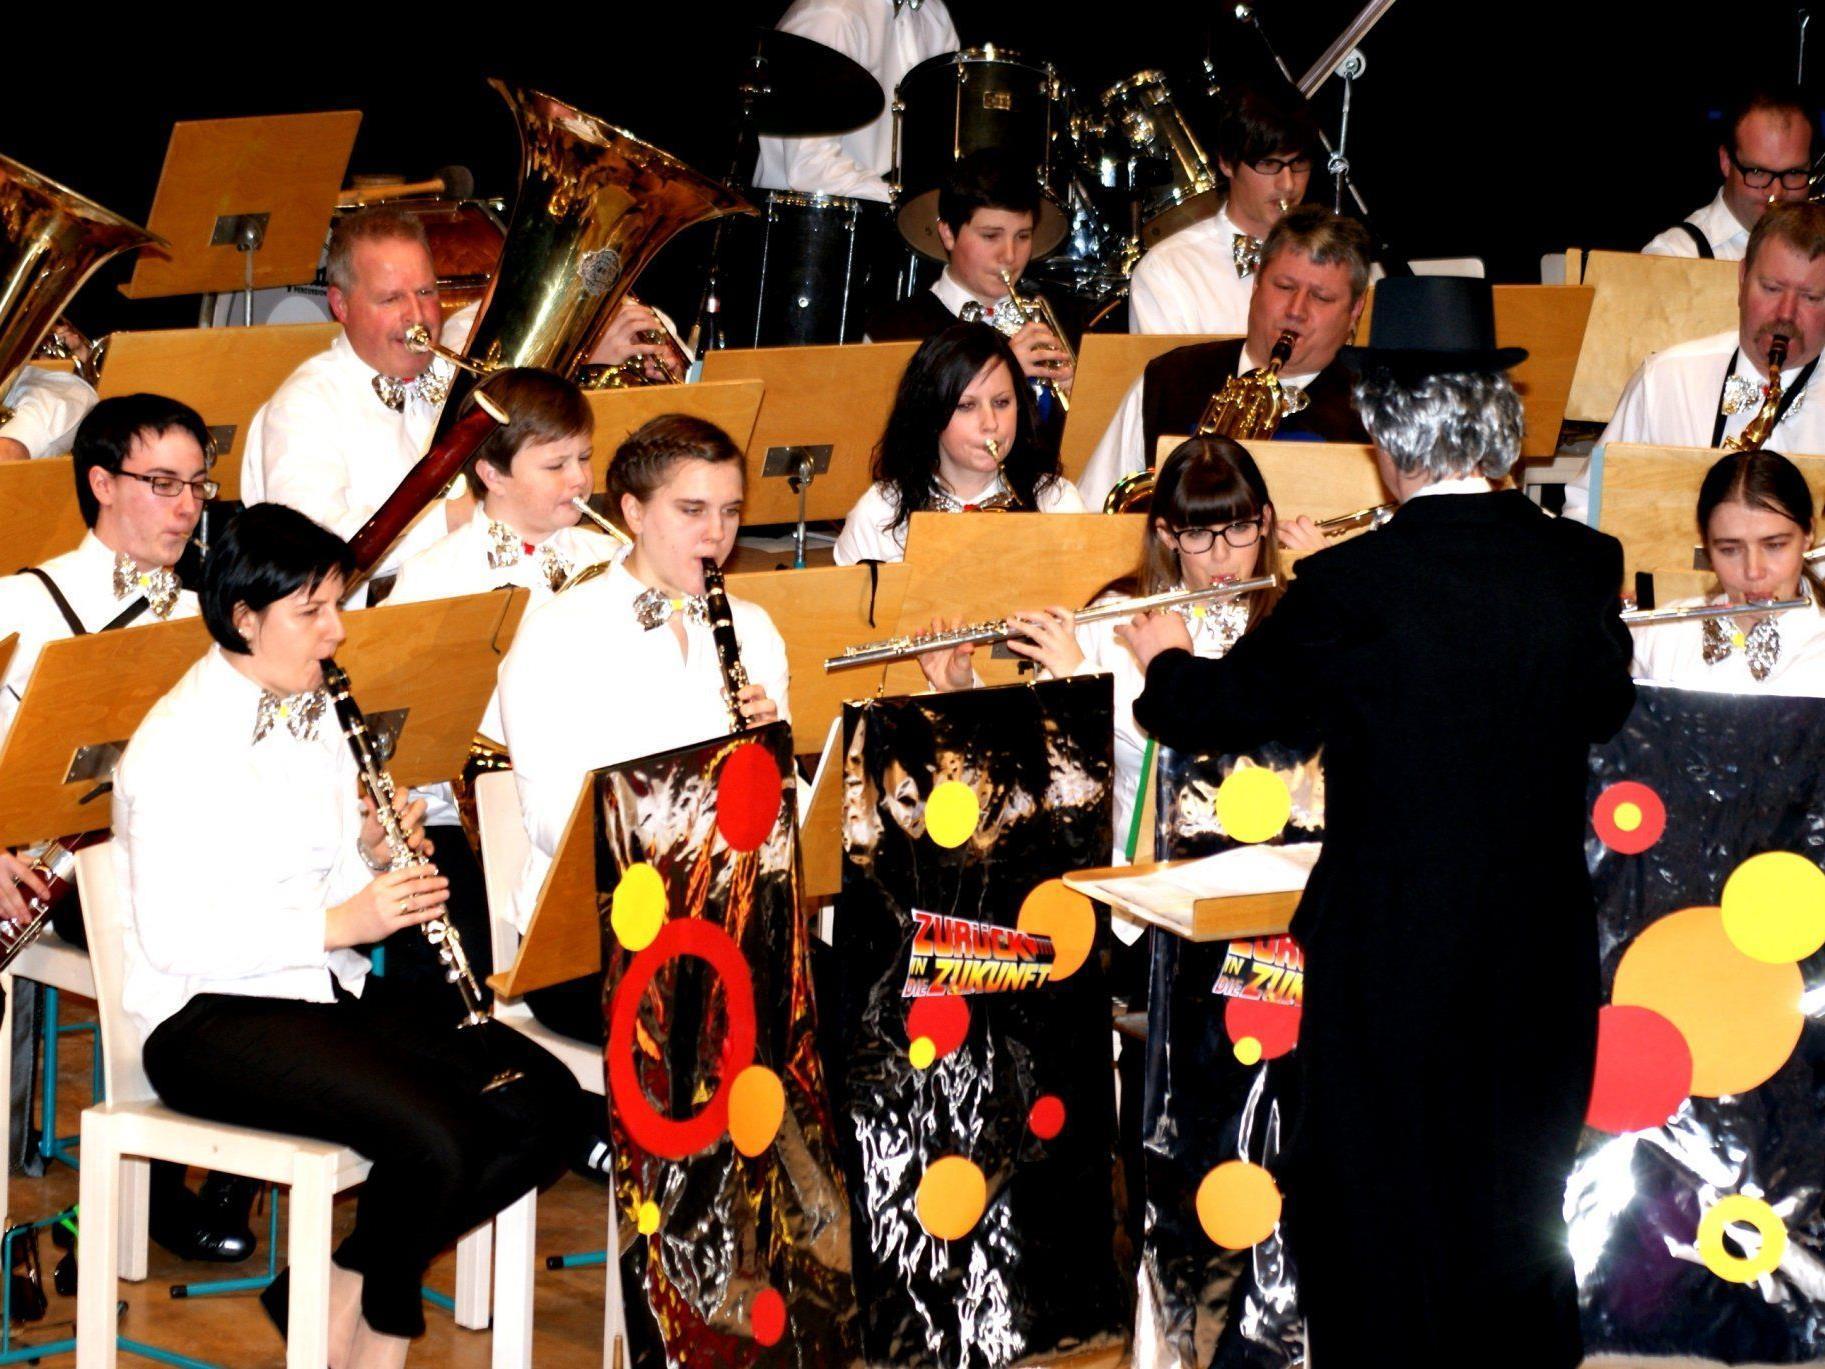 Der Musikverein unterhielt den Saal mit flotter Musik